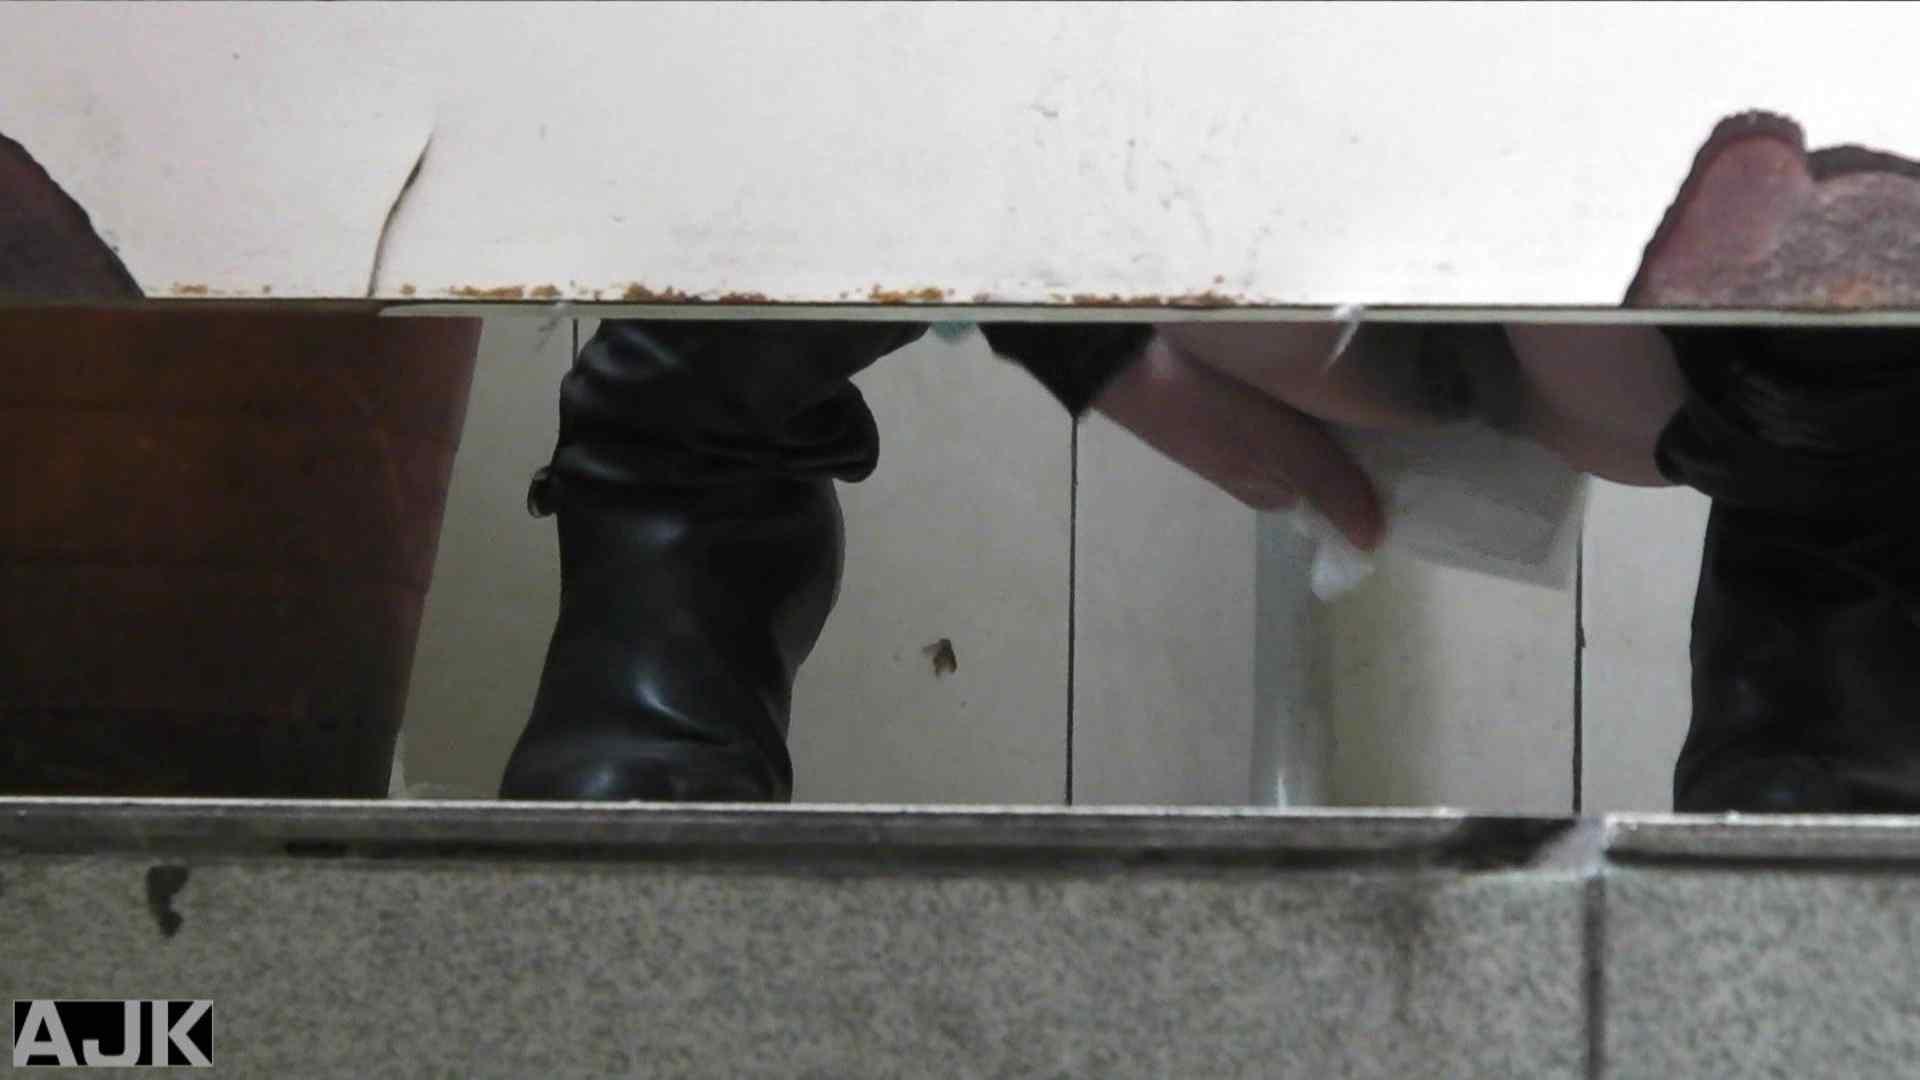 隣国上階級エリアの令嬢たちが集うデパートお手洗い Vol.07 お手洗い | OL  73連発 13